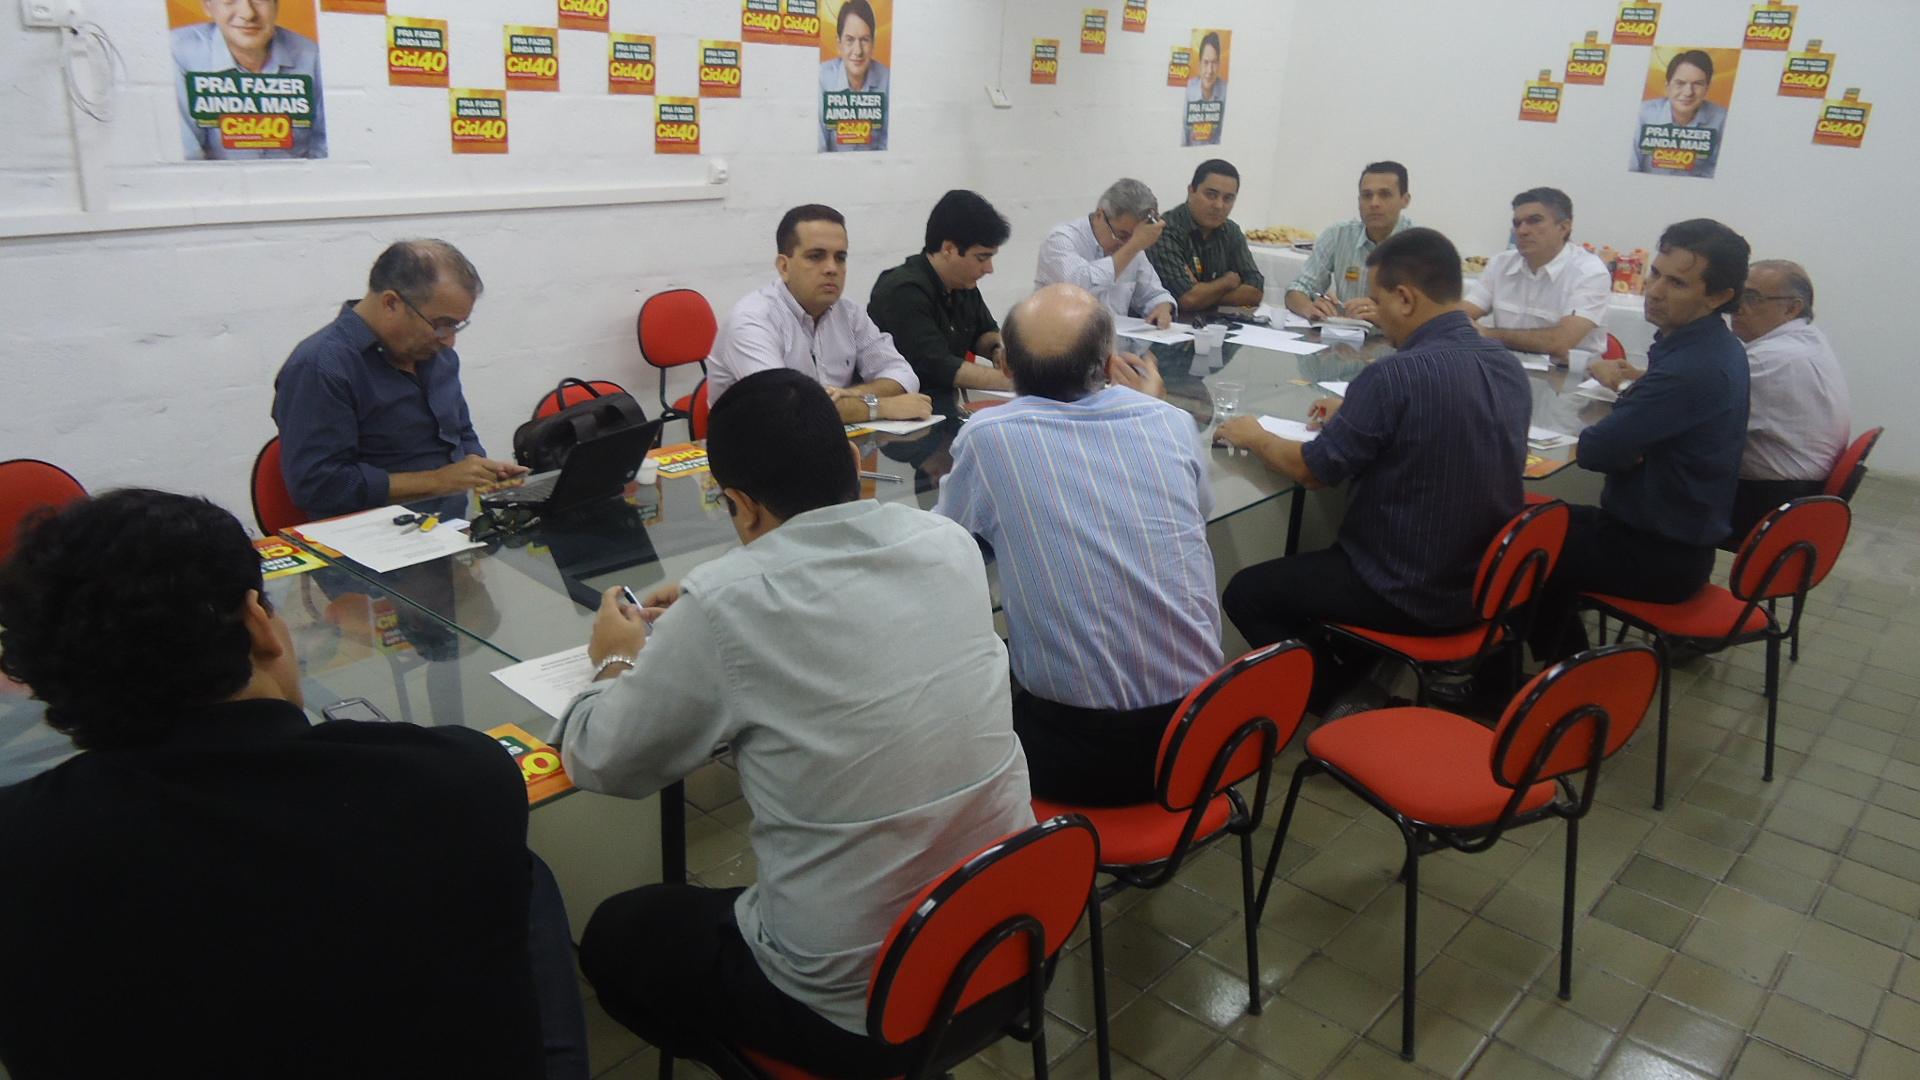 2010 Segunda Reunião GCM em 21 de Julho (12)